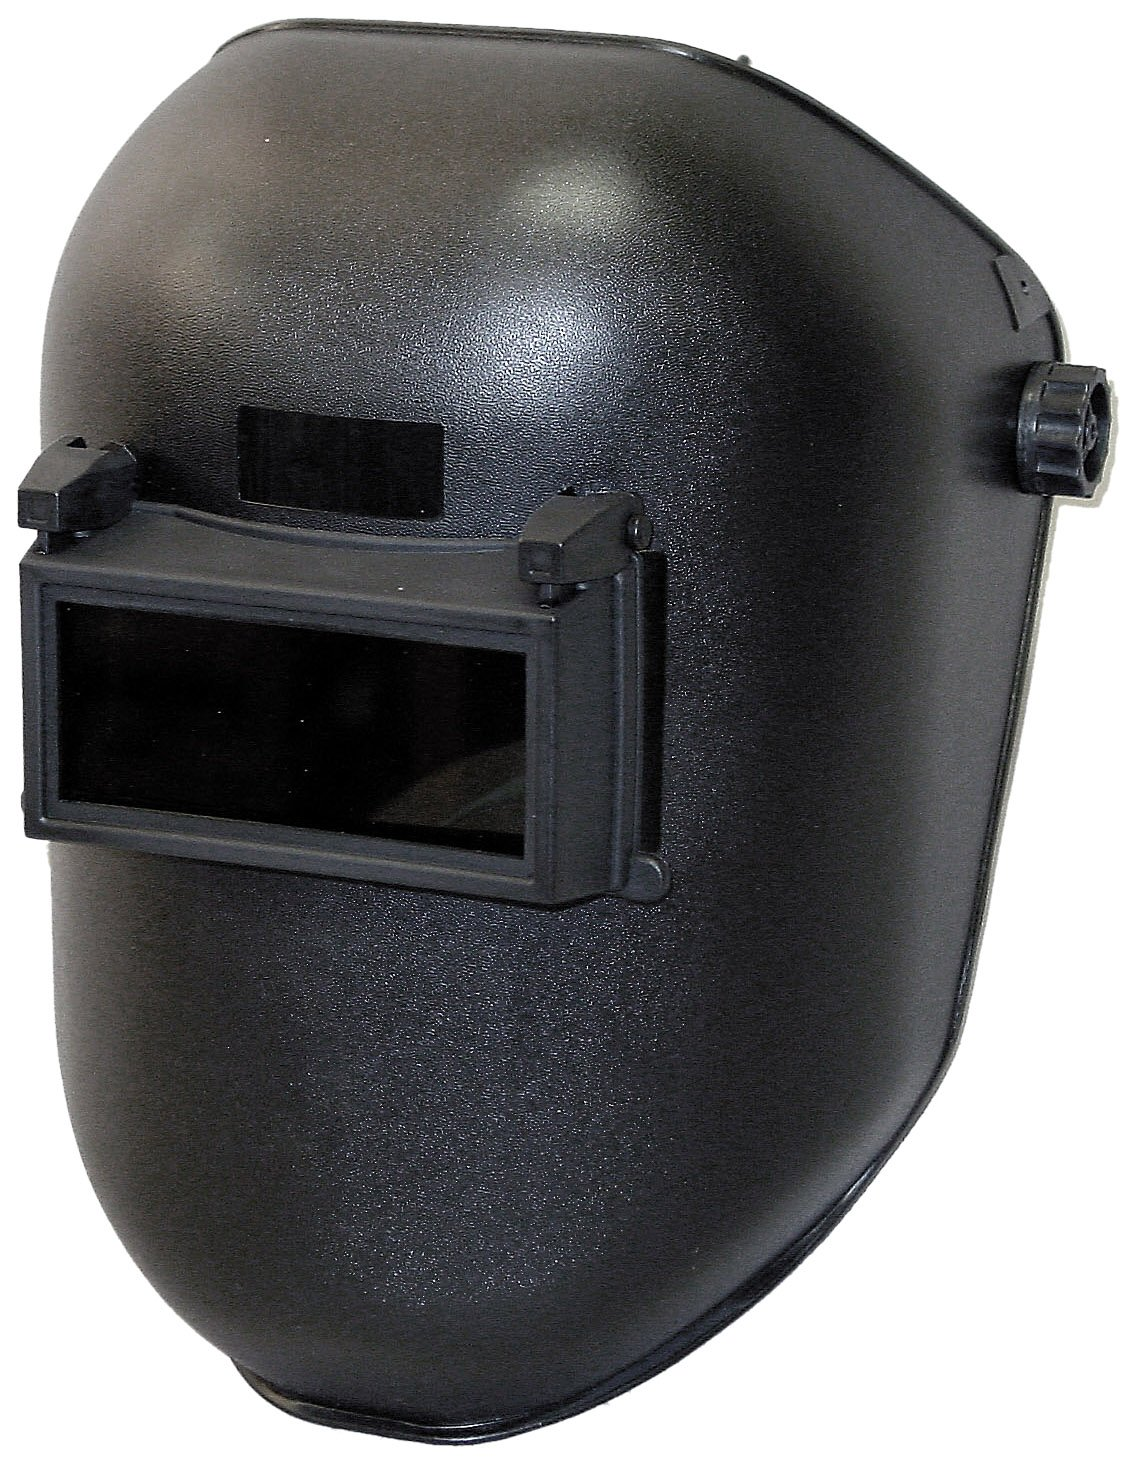 Hobart 770286 Flip Front Welding Helmet by Hobart